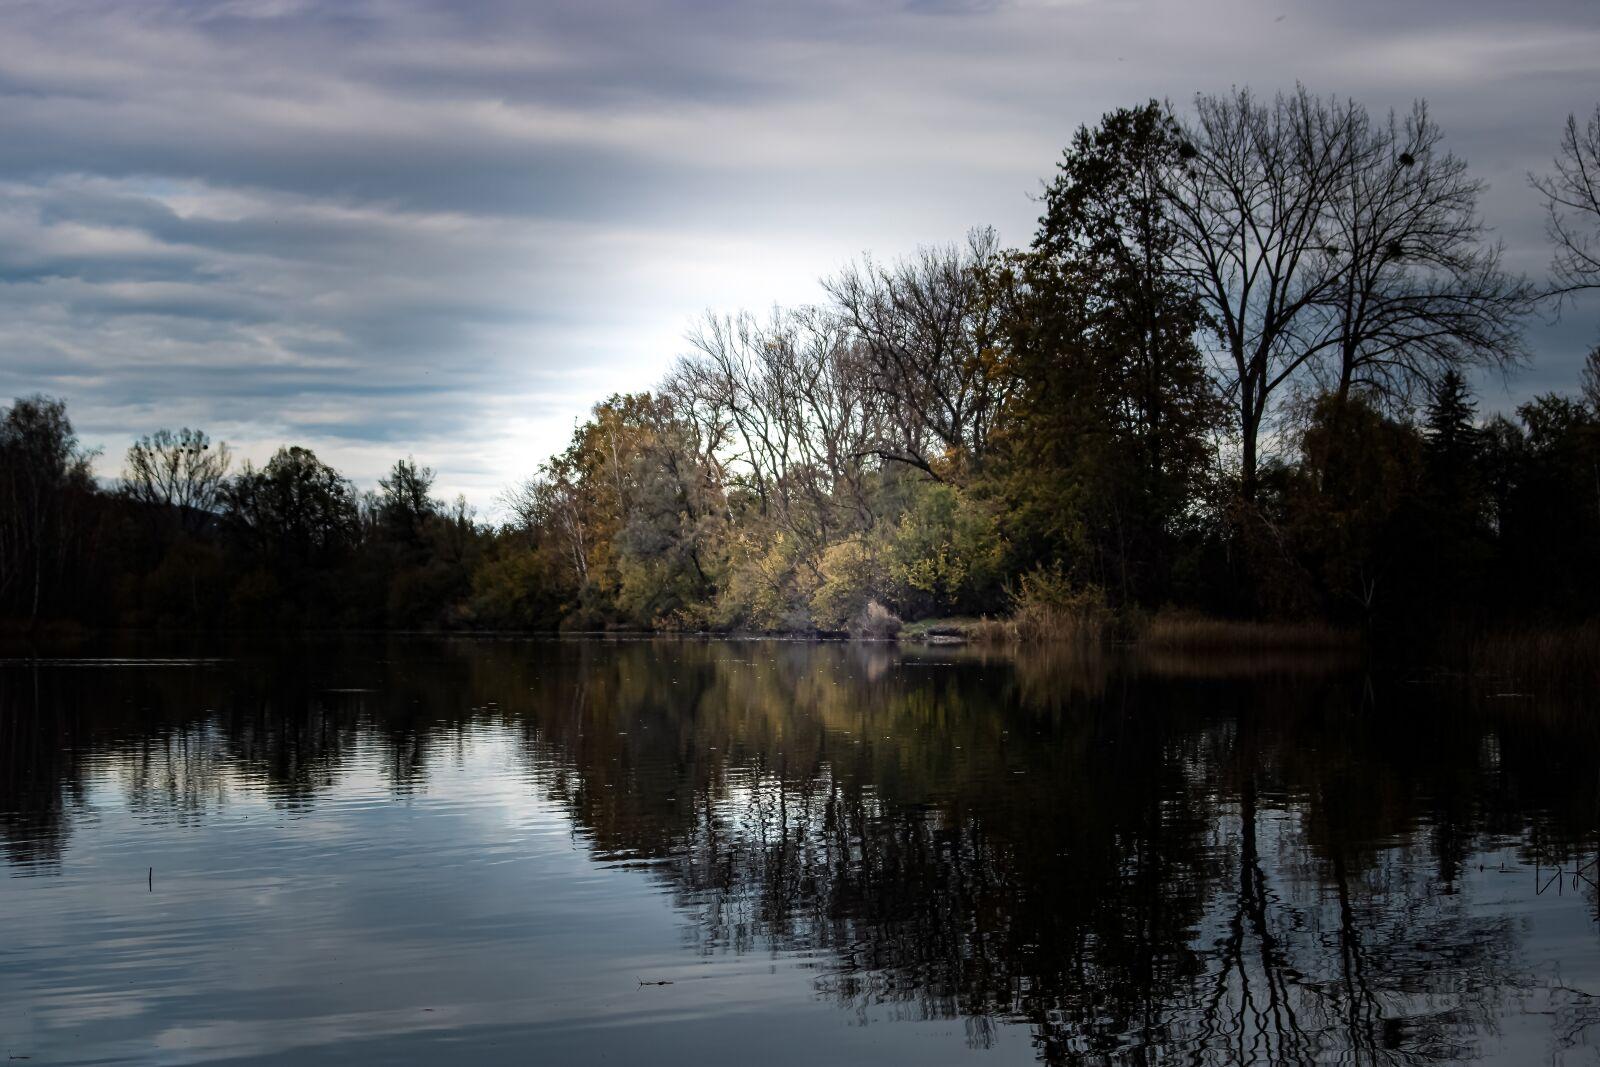 autumn landscape, landscape, outdoor